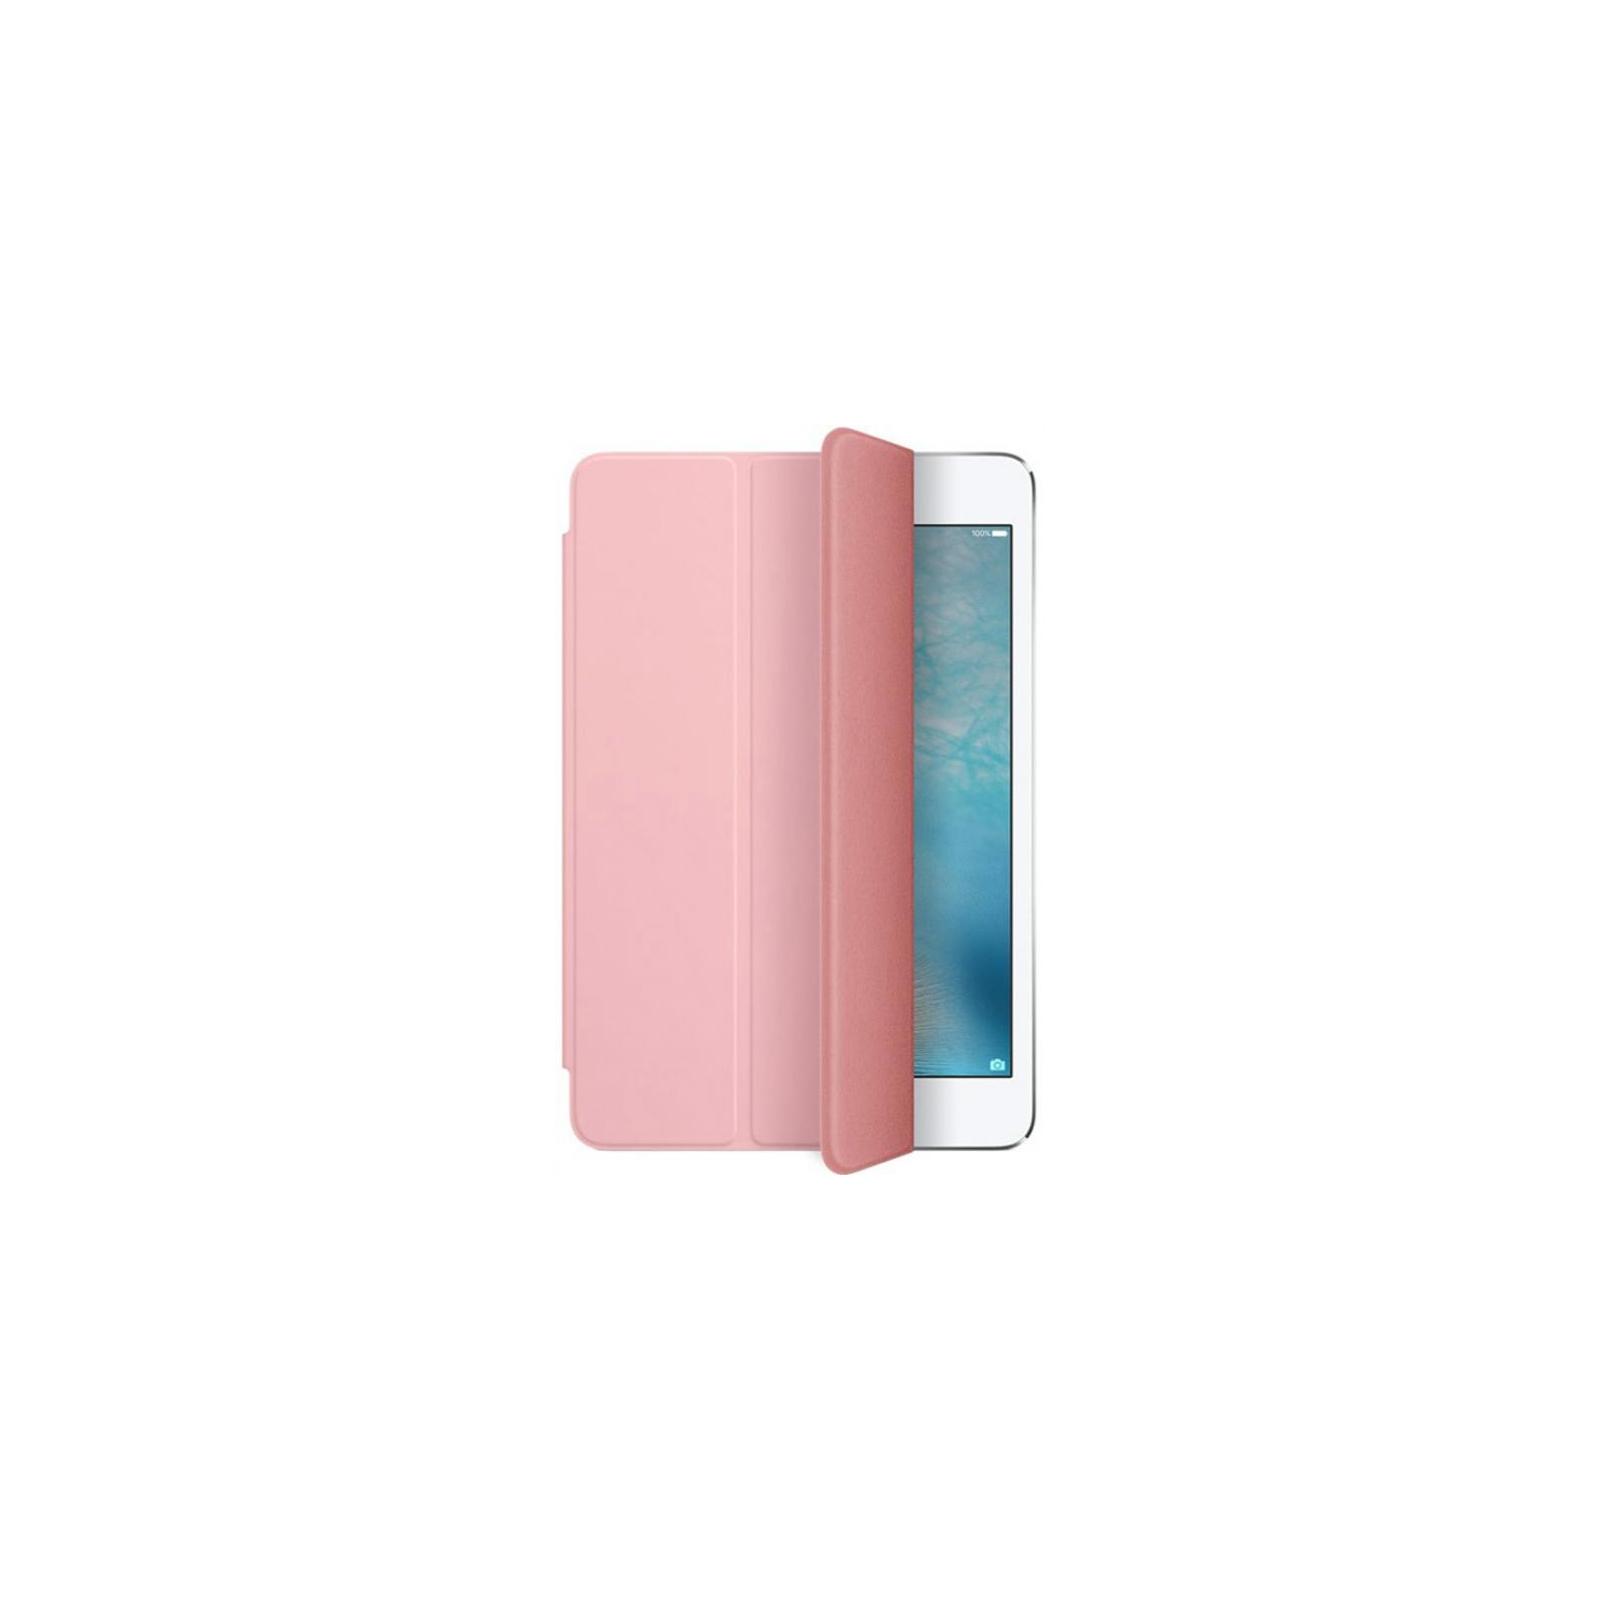 Чехол для планшета Apple Smart Cover для iPad mini 4 Pink (MKM32ZM/A) изображение 3